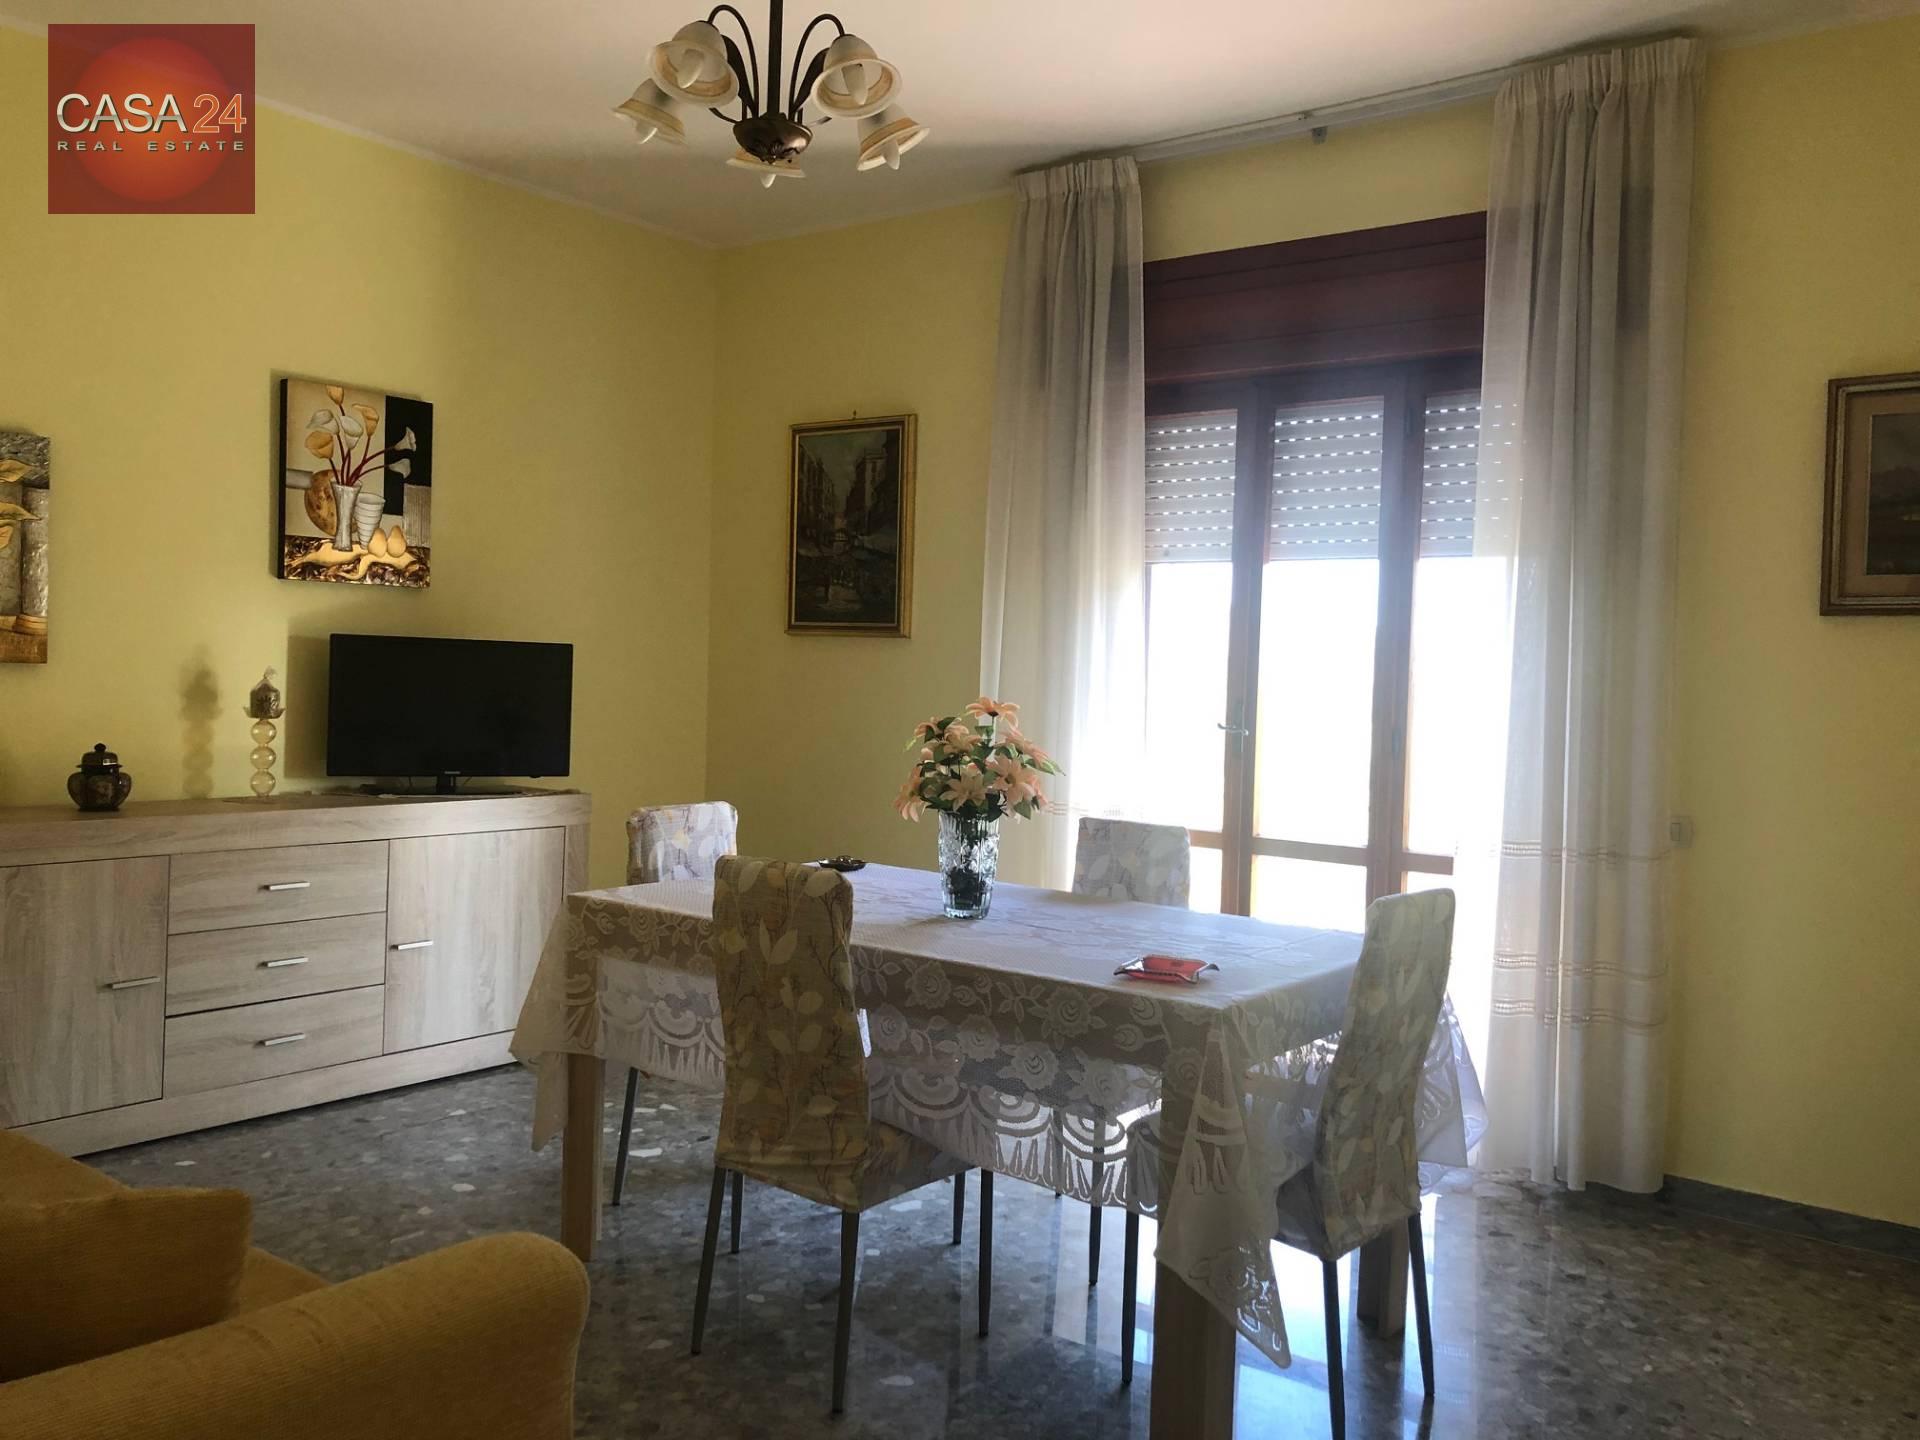 latina vendita quart: borgo sabotino casa24-real-estate